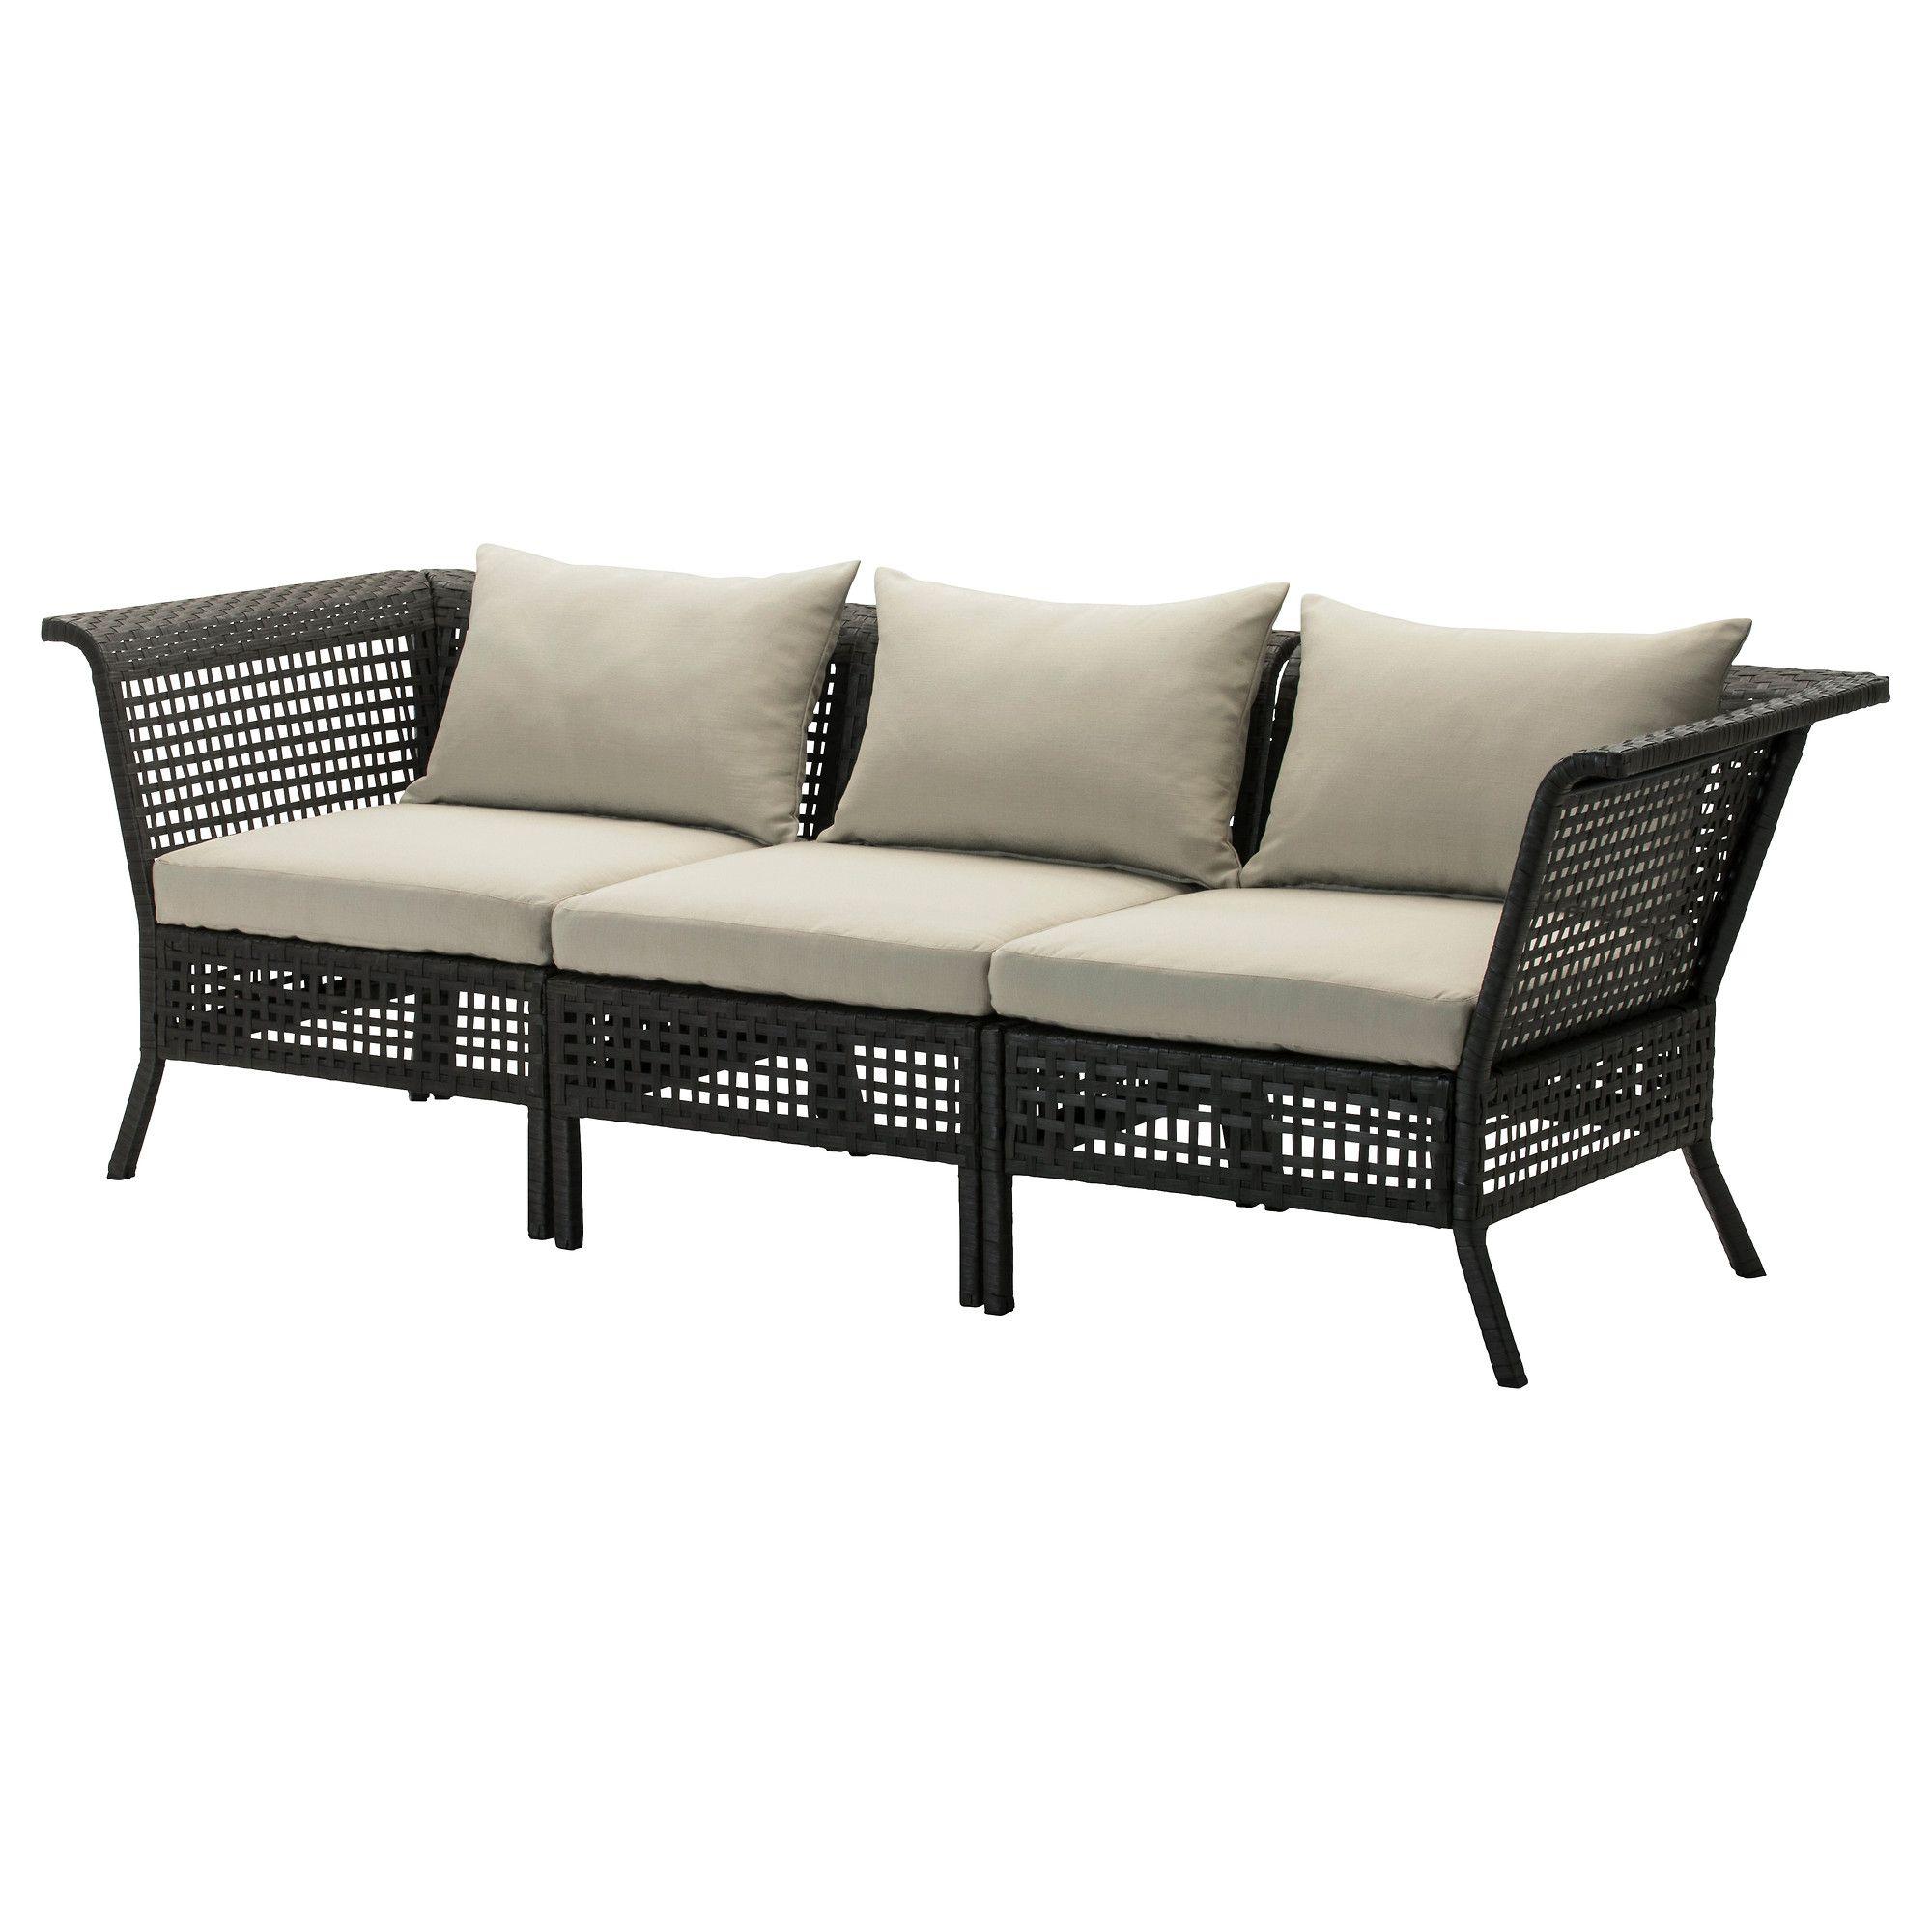 KUNGSHOLMEN Sofa outdoor black brown beige H¥llö beige